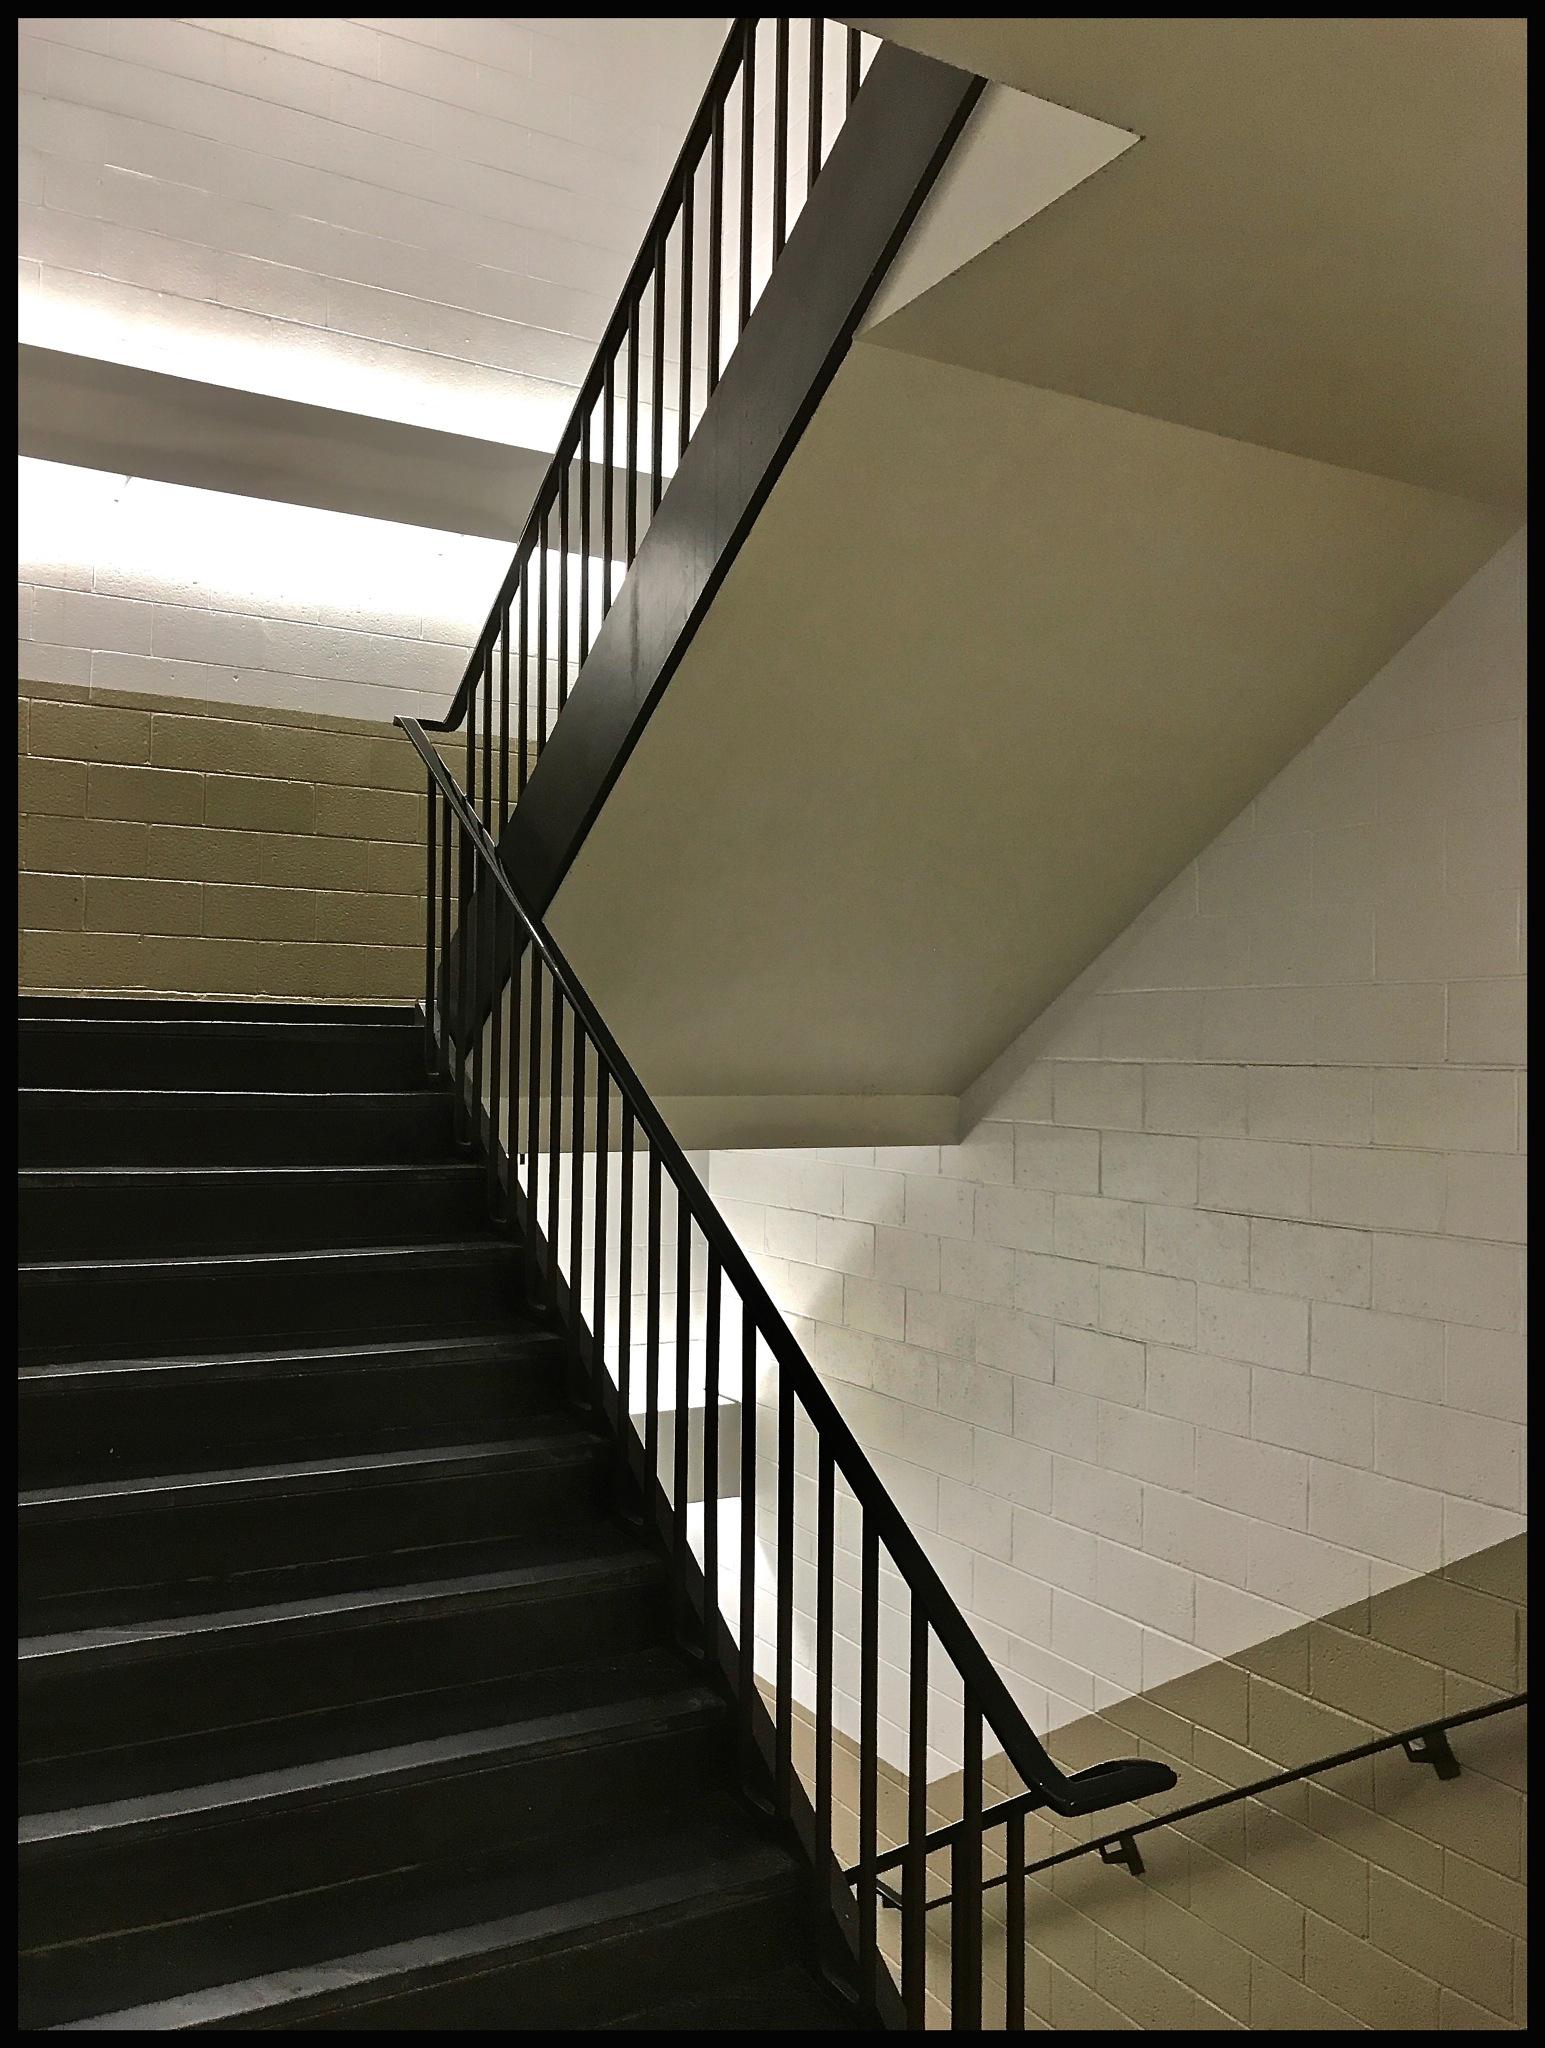 School Stairwell by warriston